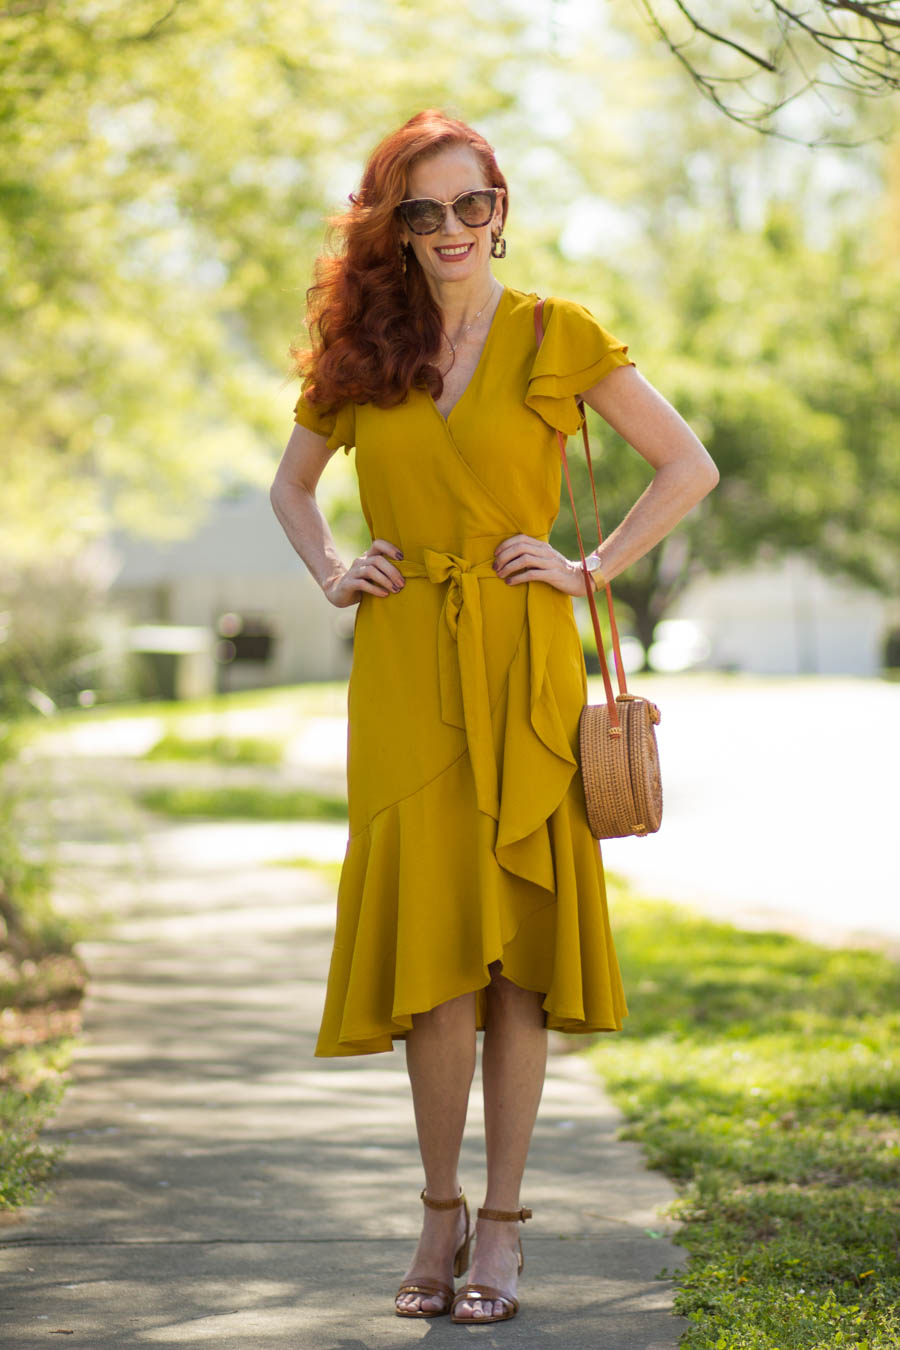 Target women's dress